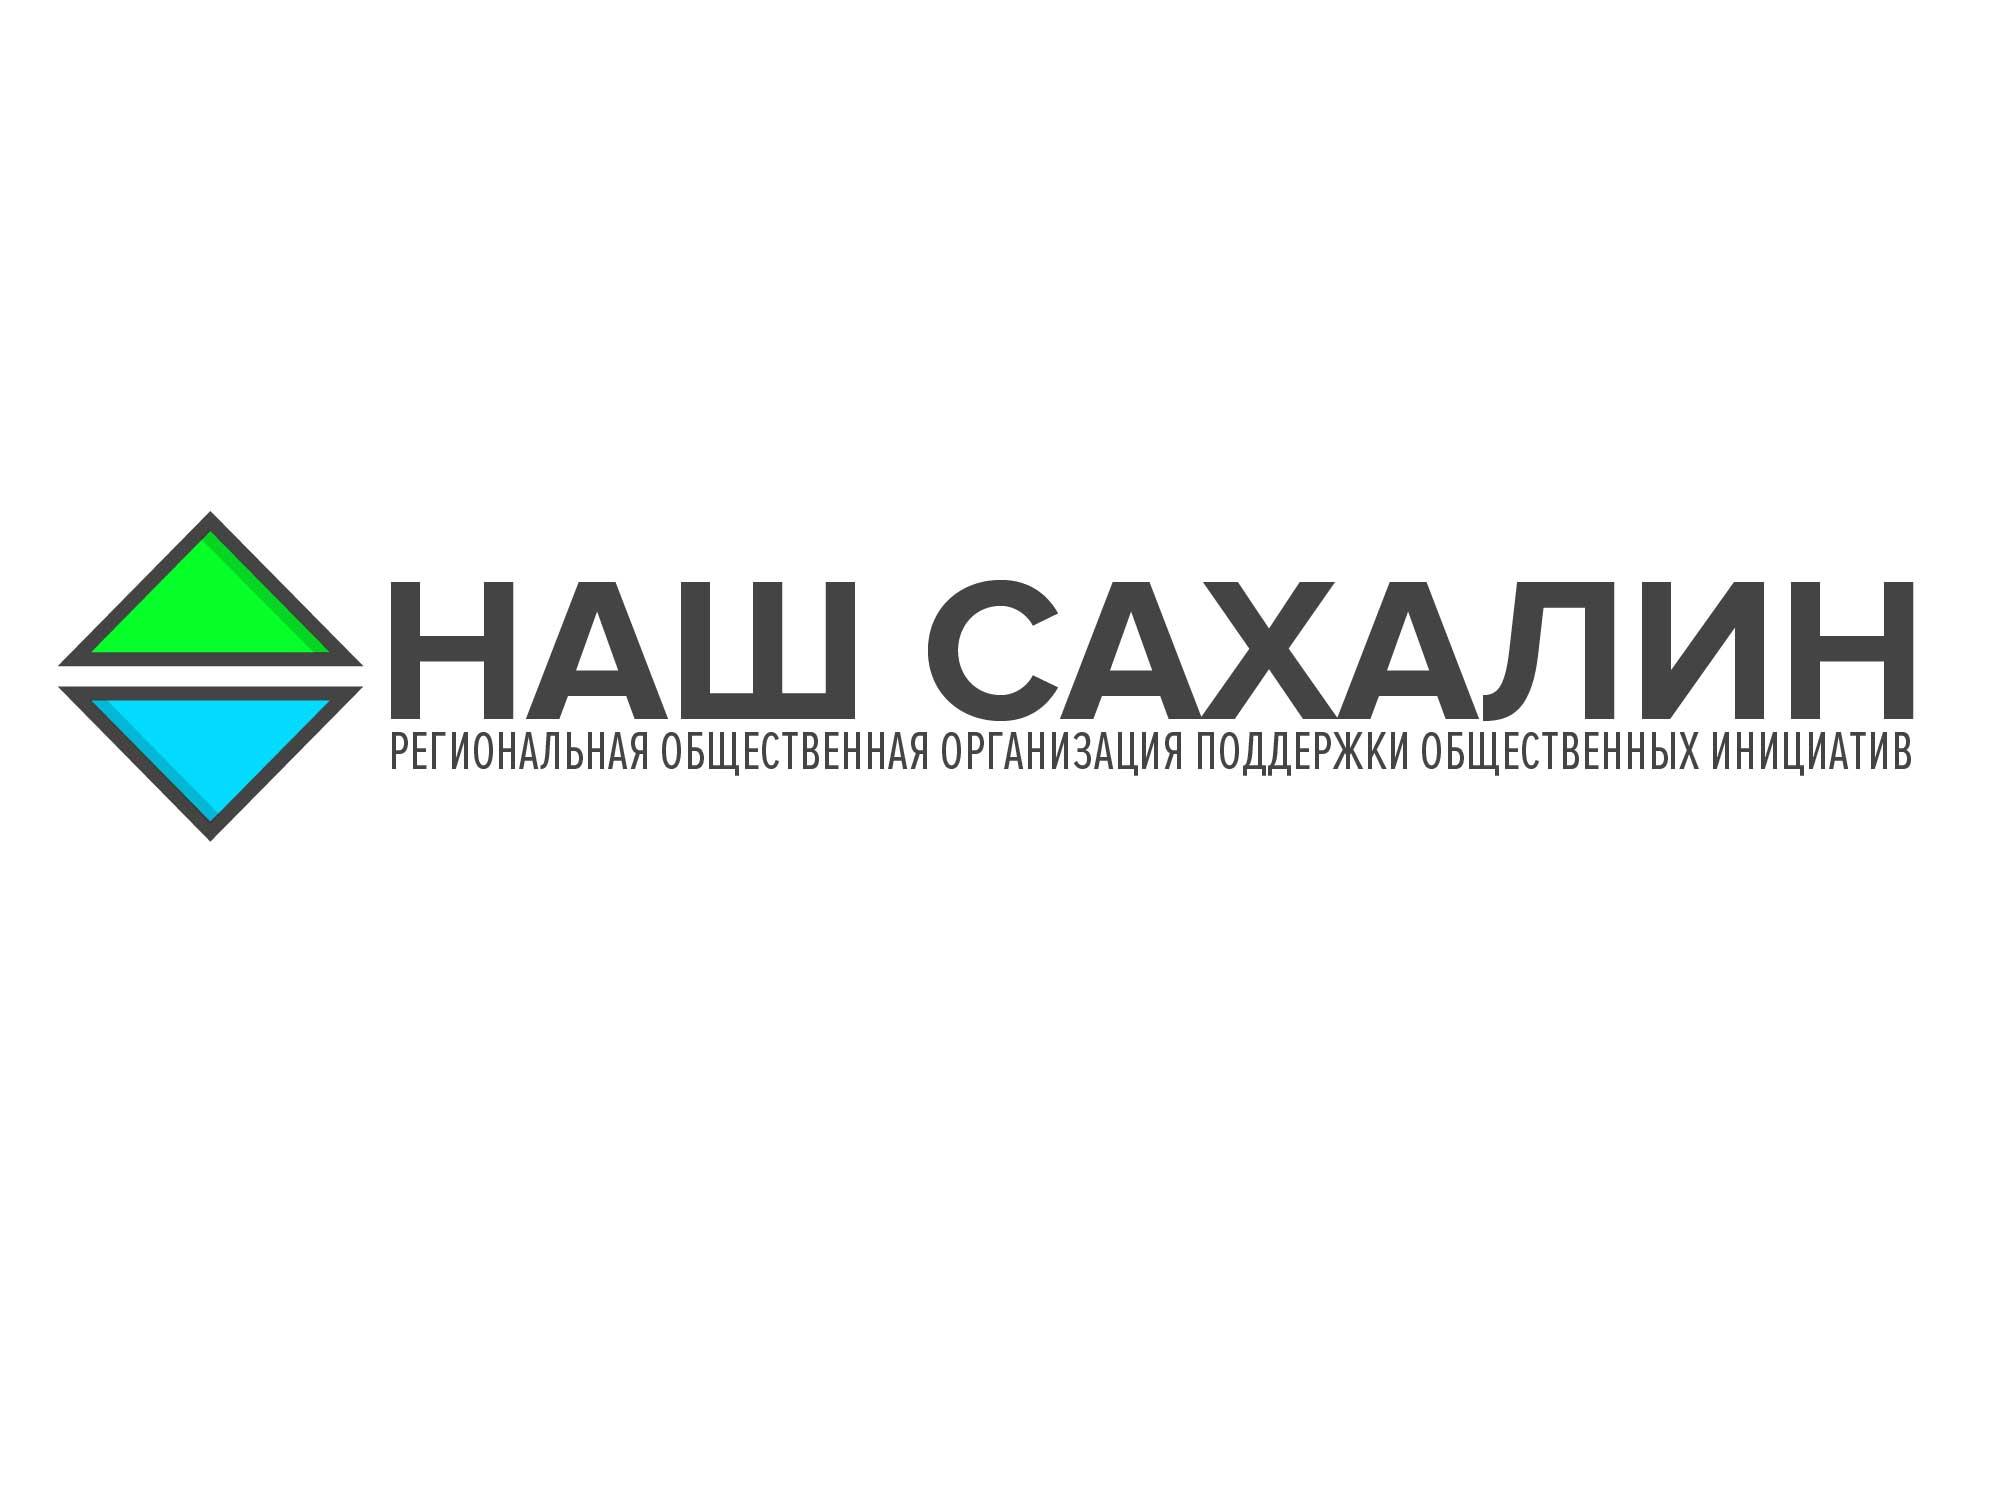 """Логотип для некоммерческой организации """"Наш Сахалин"""" фото f_2525a7c09340236c.jpg"""